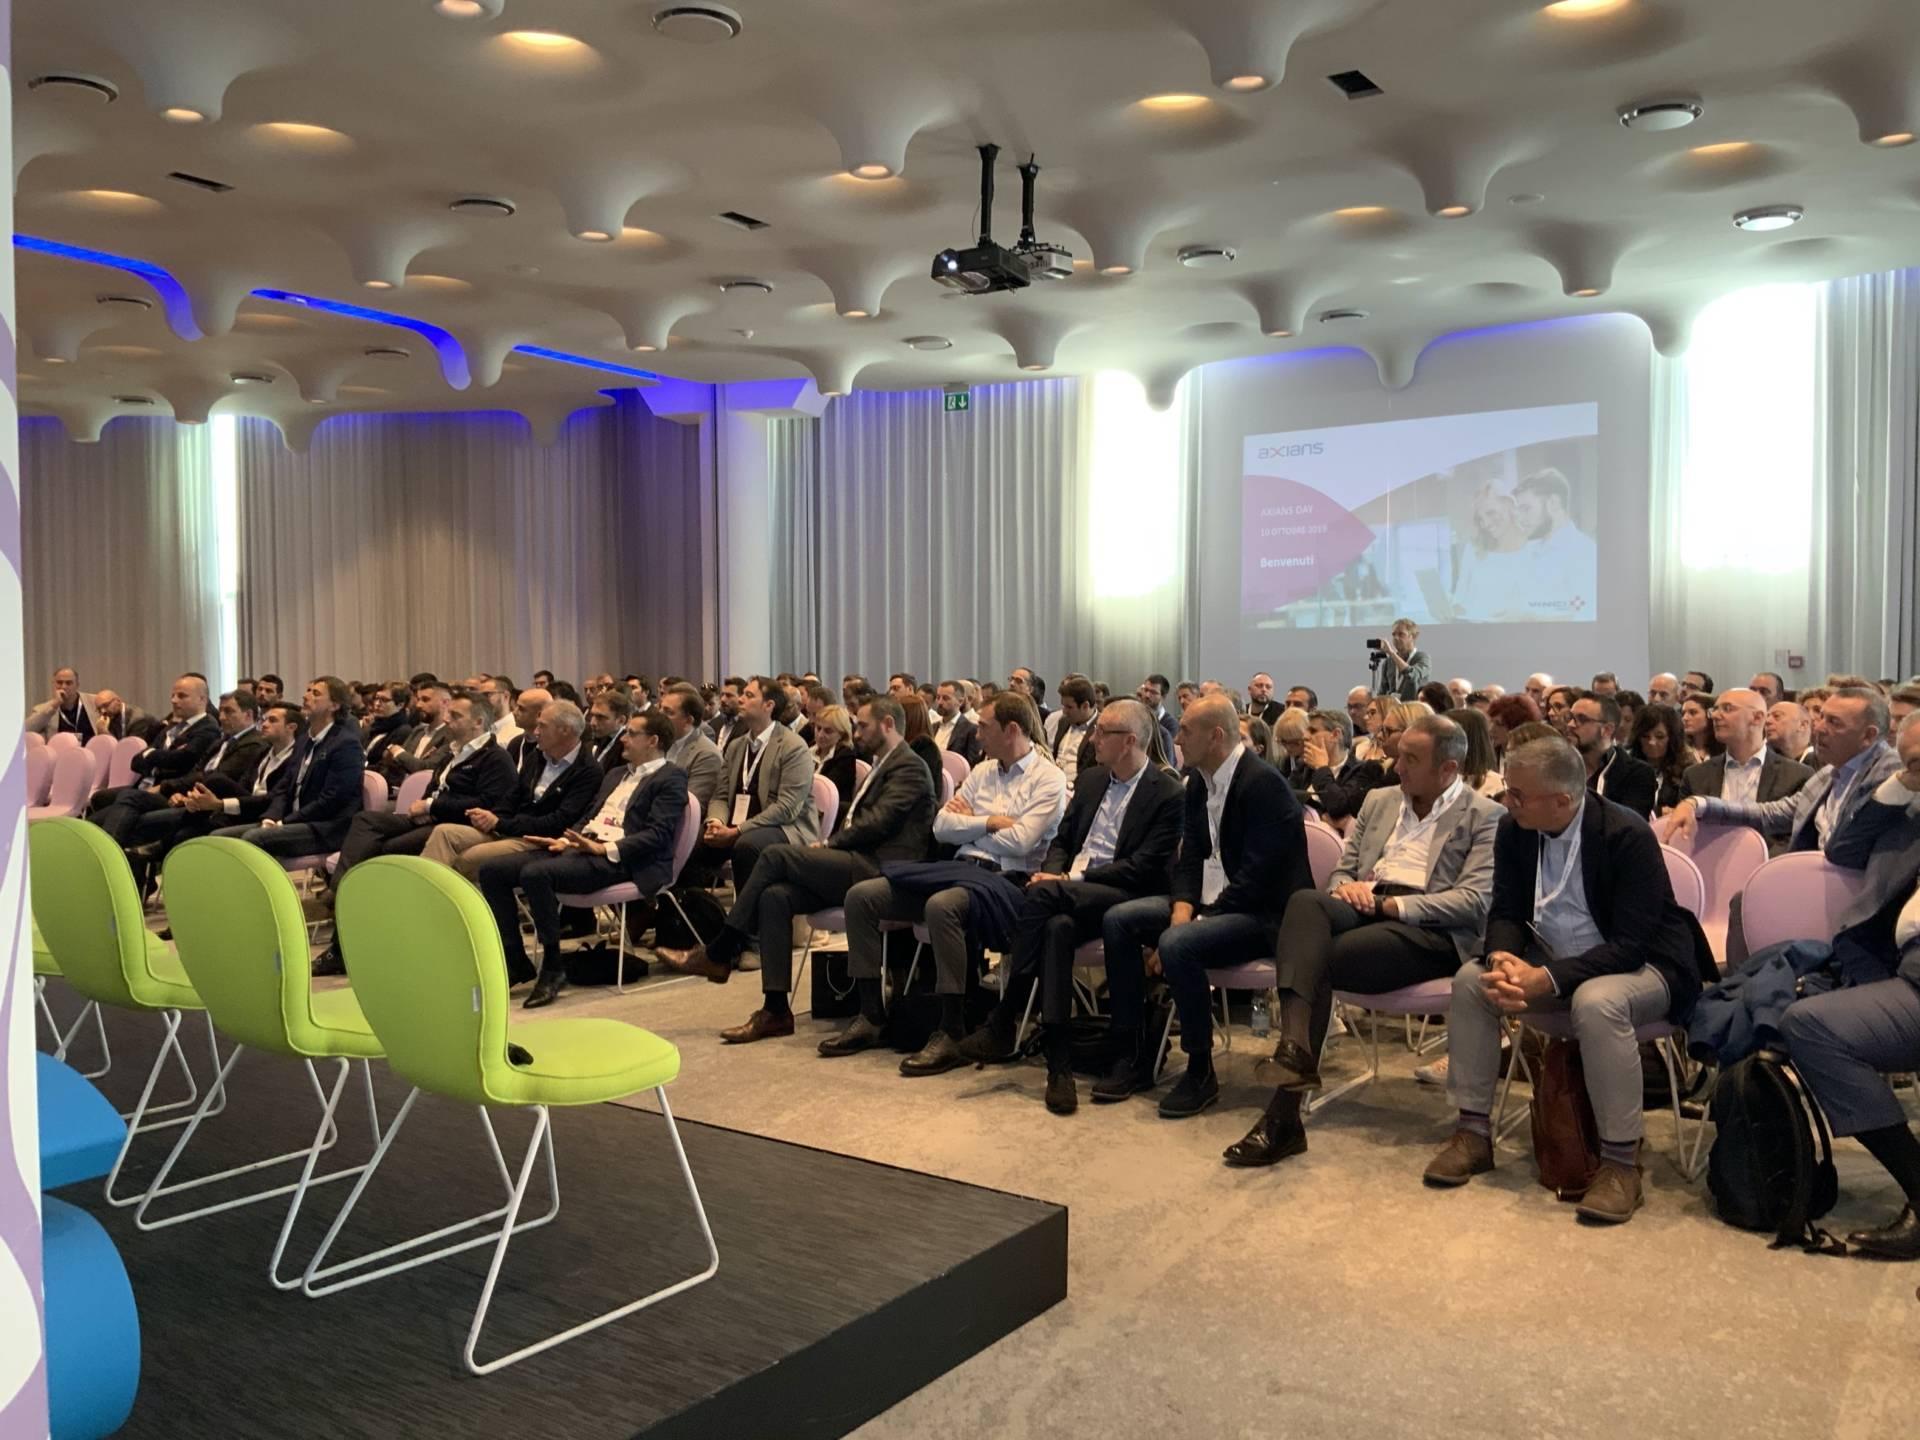 AXIANS DAY, ottime prospettive per il brand tecnologico del Gruppo Vinci Energies